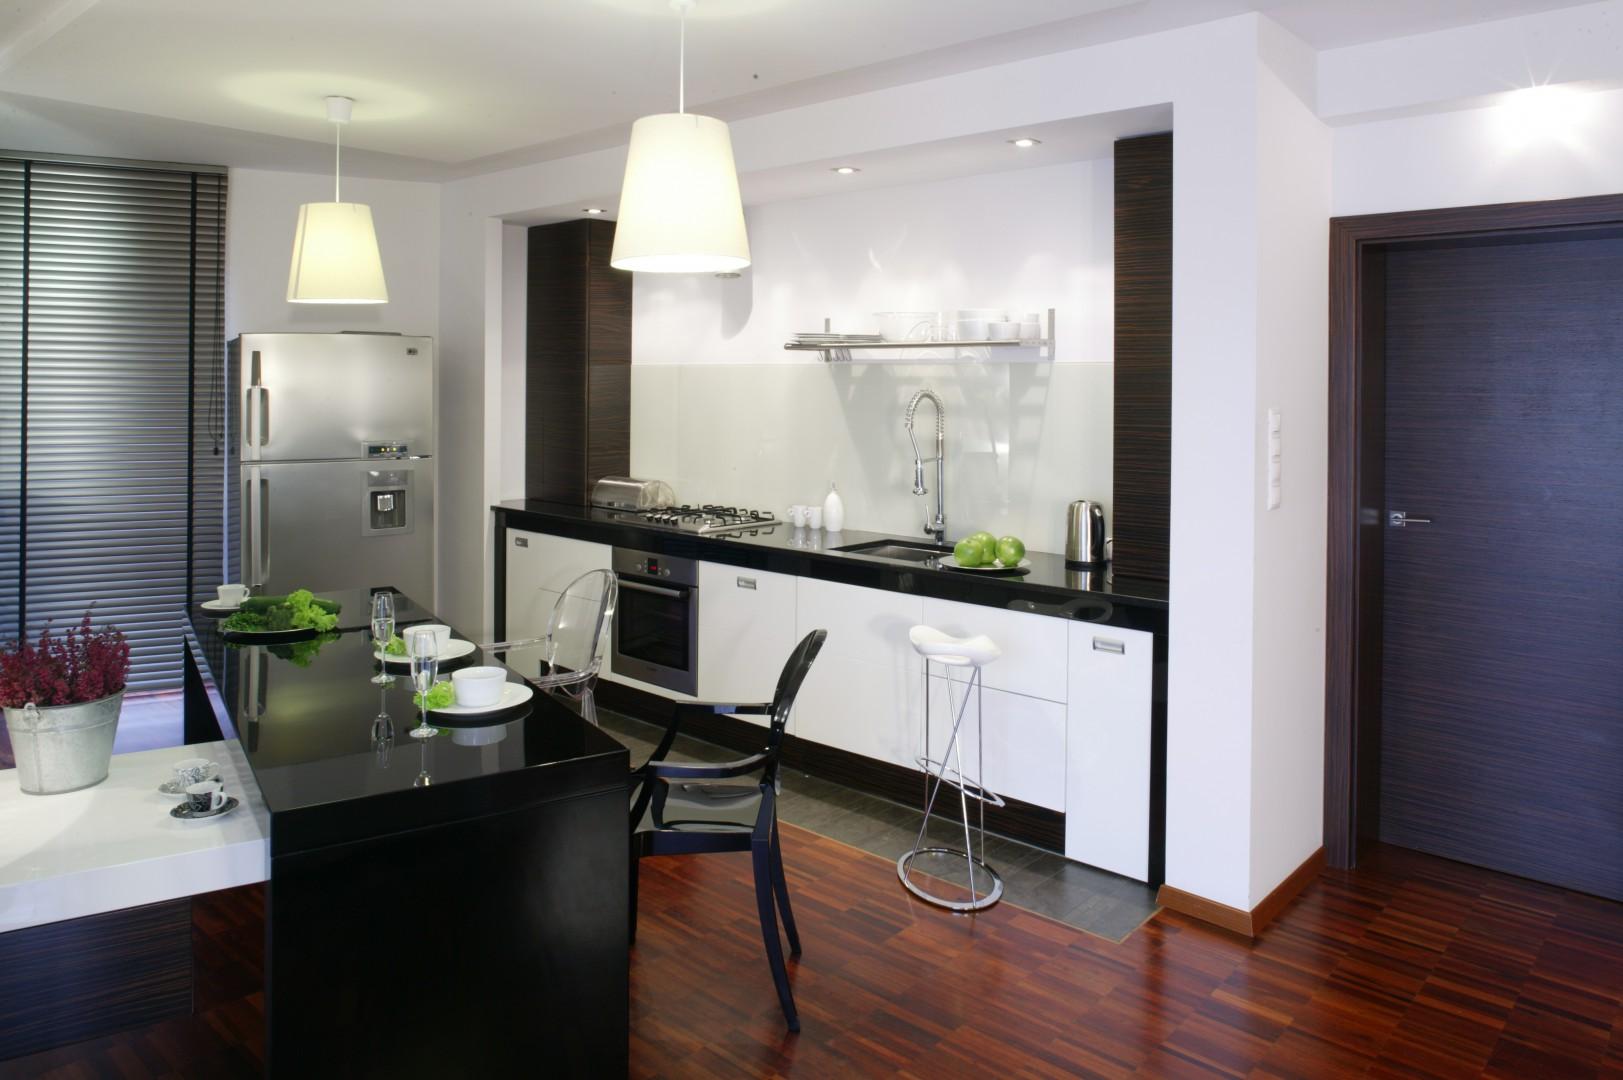 Czarna kuchenna wyspa doskonale prezentuje się w towarzystwie bieli. Projekt Karolina Pawłowicz. Fot. Bartosz Jarosz